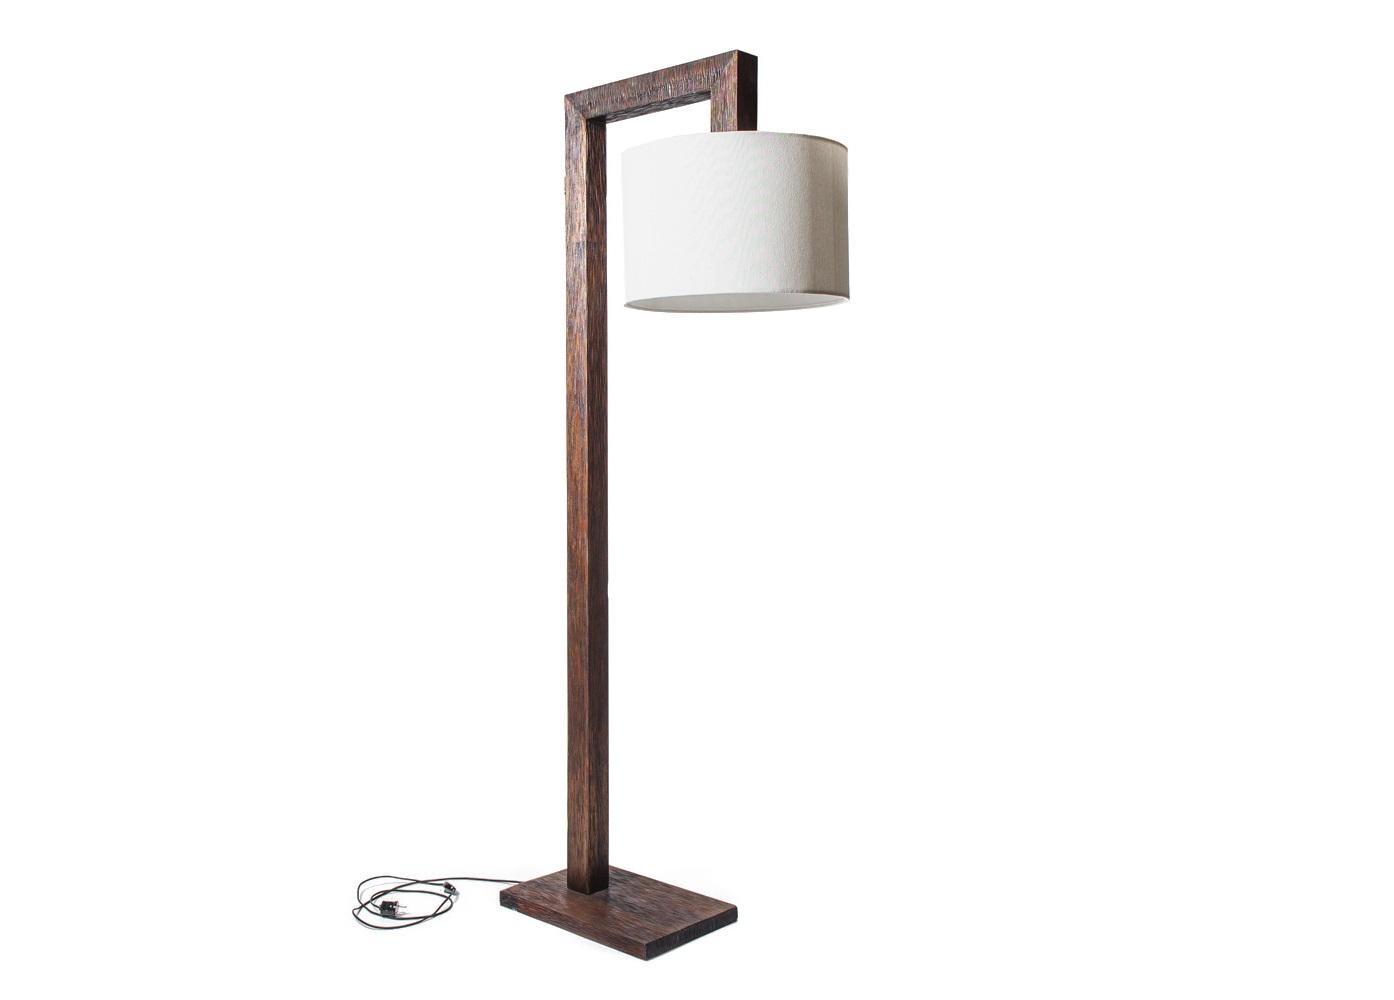 Торшер  FloresТоршеры<br>Торшер из тиковой древесины темно-коричневого цвета с округлым абажуром. Торшер выглядит очень стильно и современно благодаря выраженной геометрии и контрастным цветам и фактурам.<br><br>Возможен в отделке walnut brown и dark brown<br><br>Material: Тик<br>Ширина см: 45<br>Высота см: 183<br>Глубина см: 30